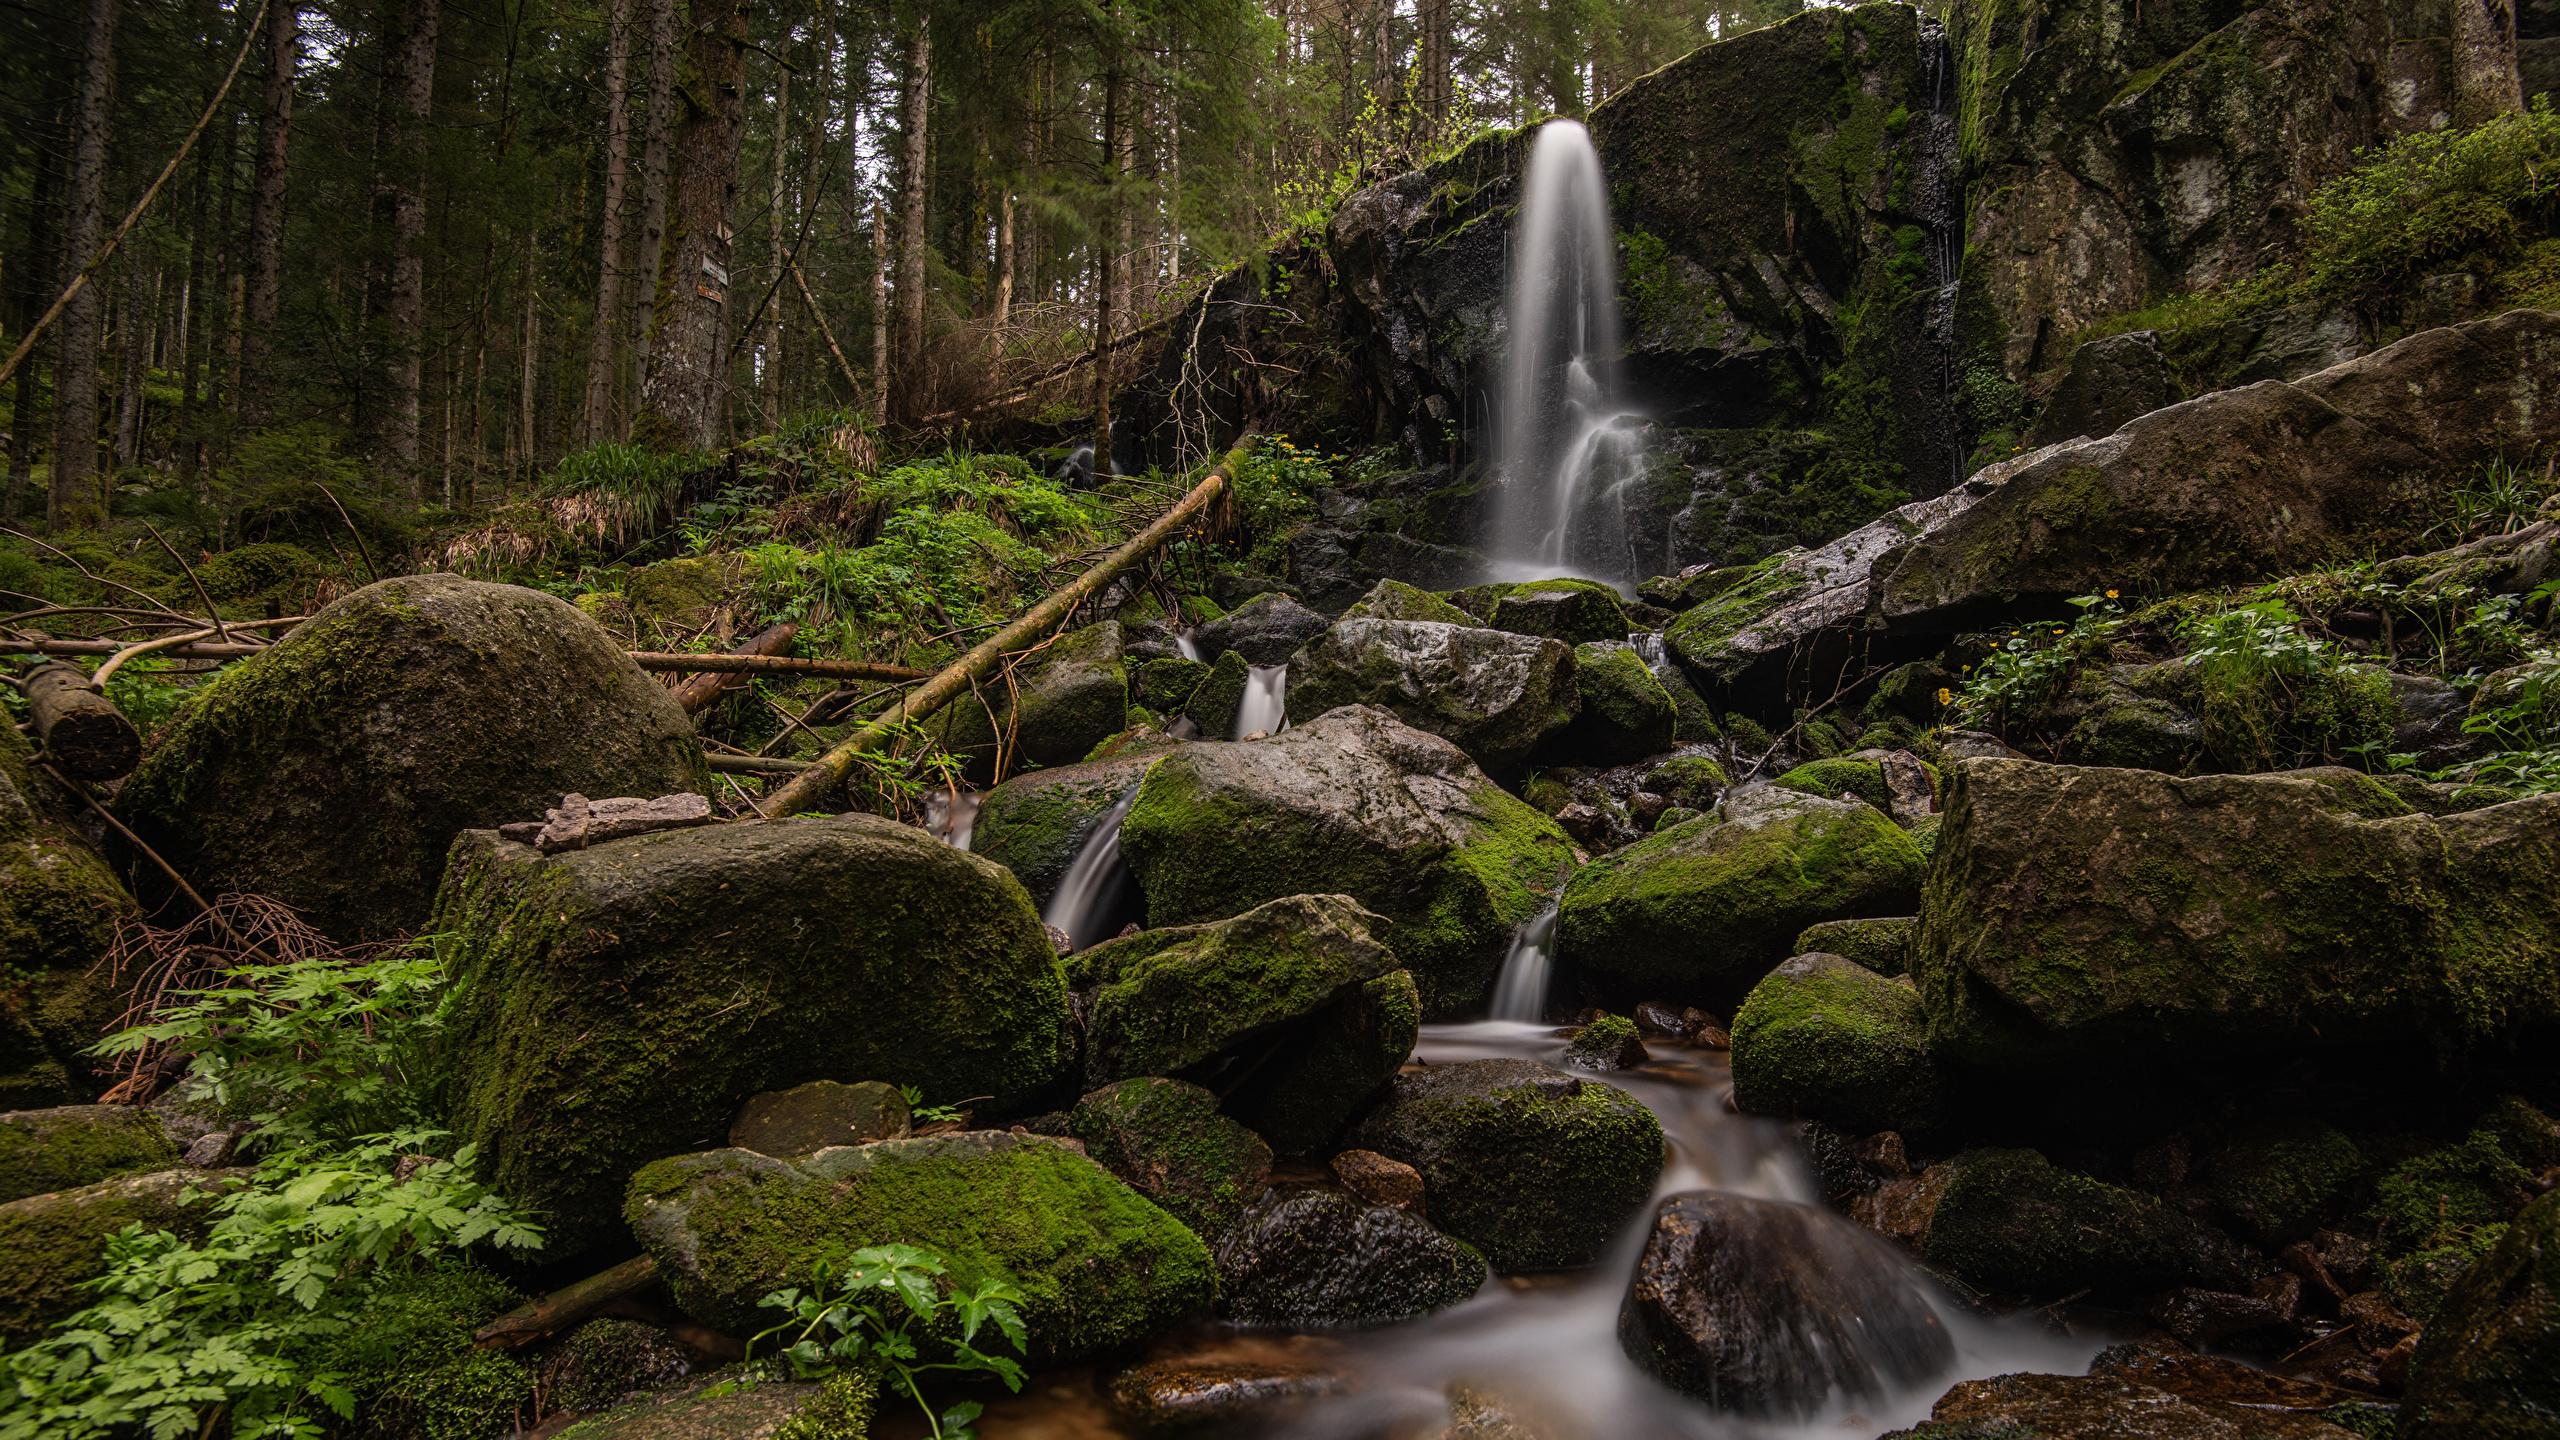 Фотографии Франция Cascade de Merelle скале Природа Водопады Леса Мох Камни 2560x1440 Утес скалы Скала мха мхом Камень